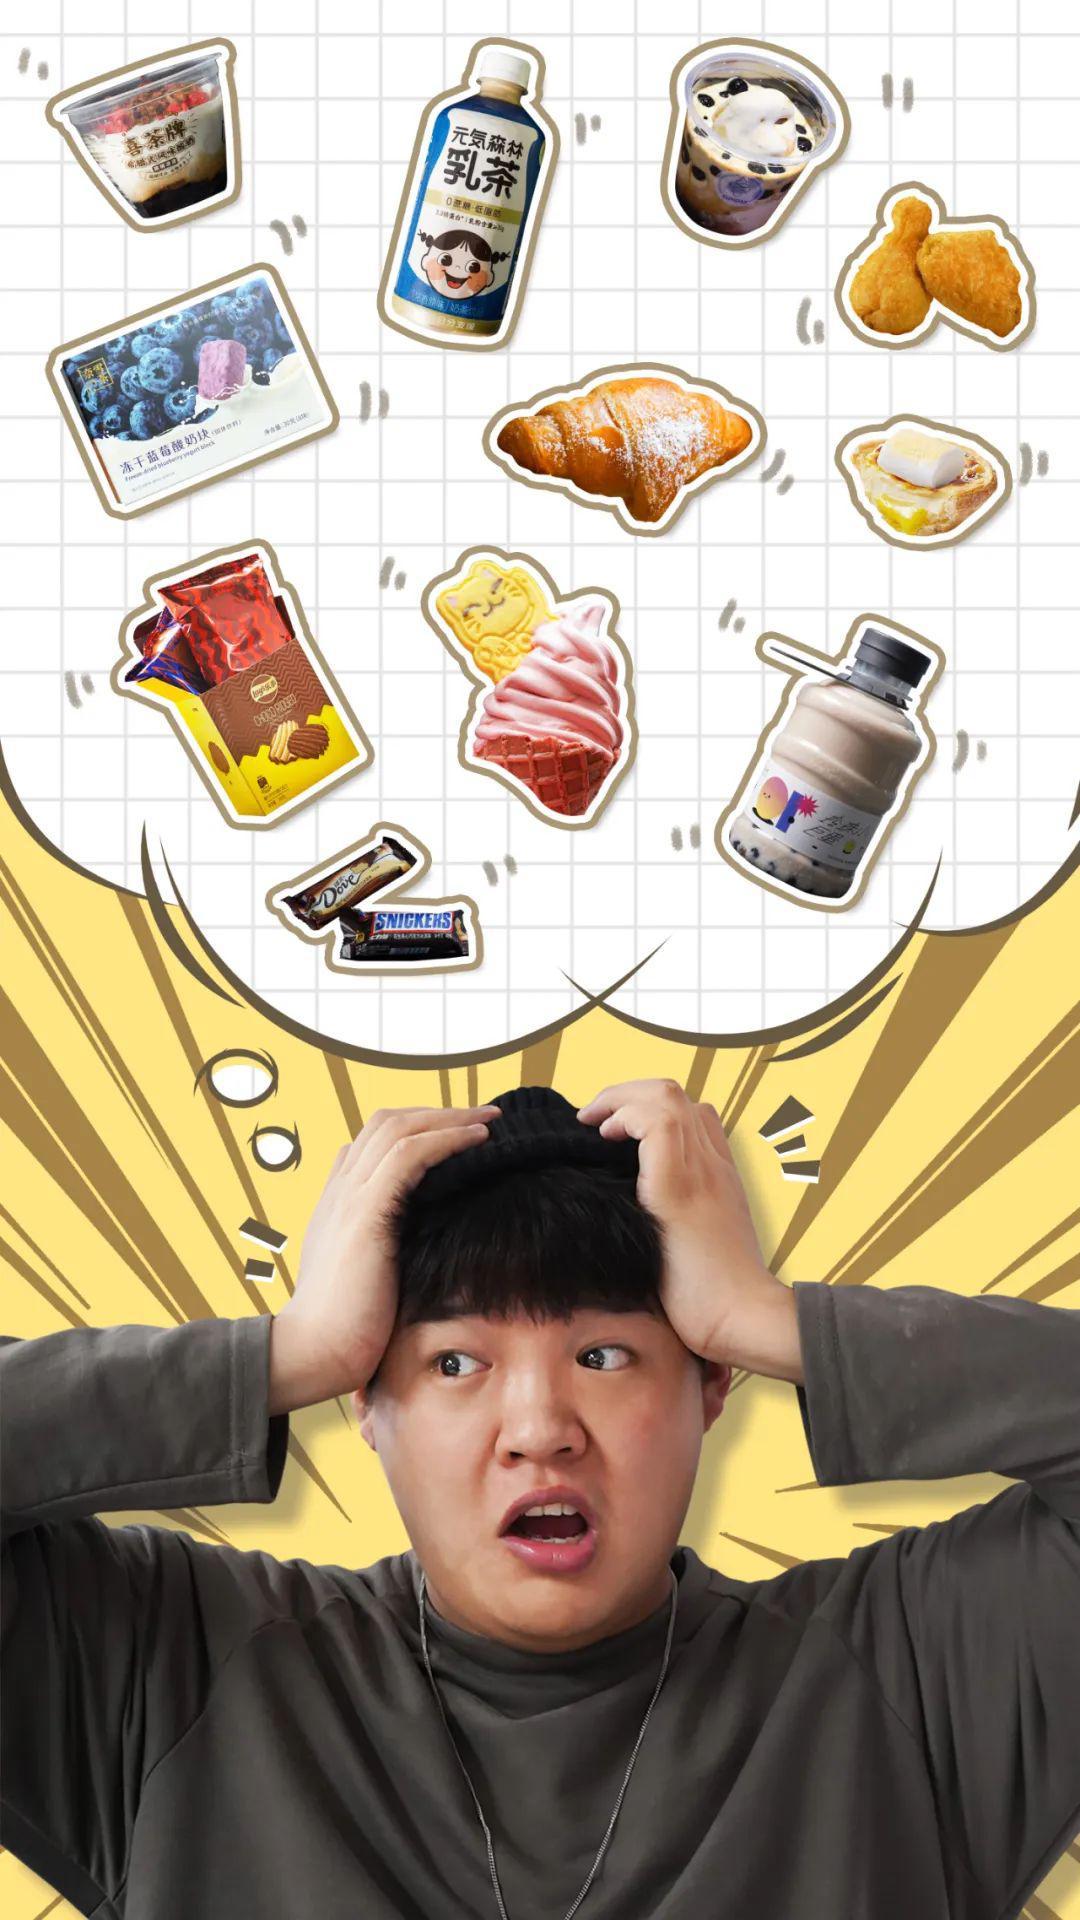 李佳琦推荐的『不胖奶茶』,真的喝不胖吗?